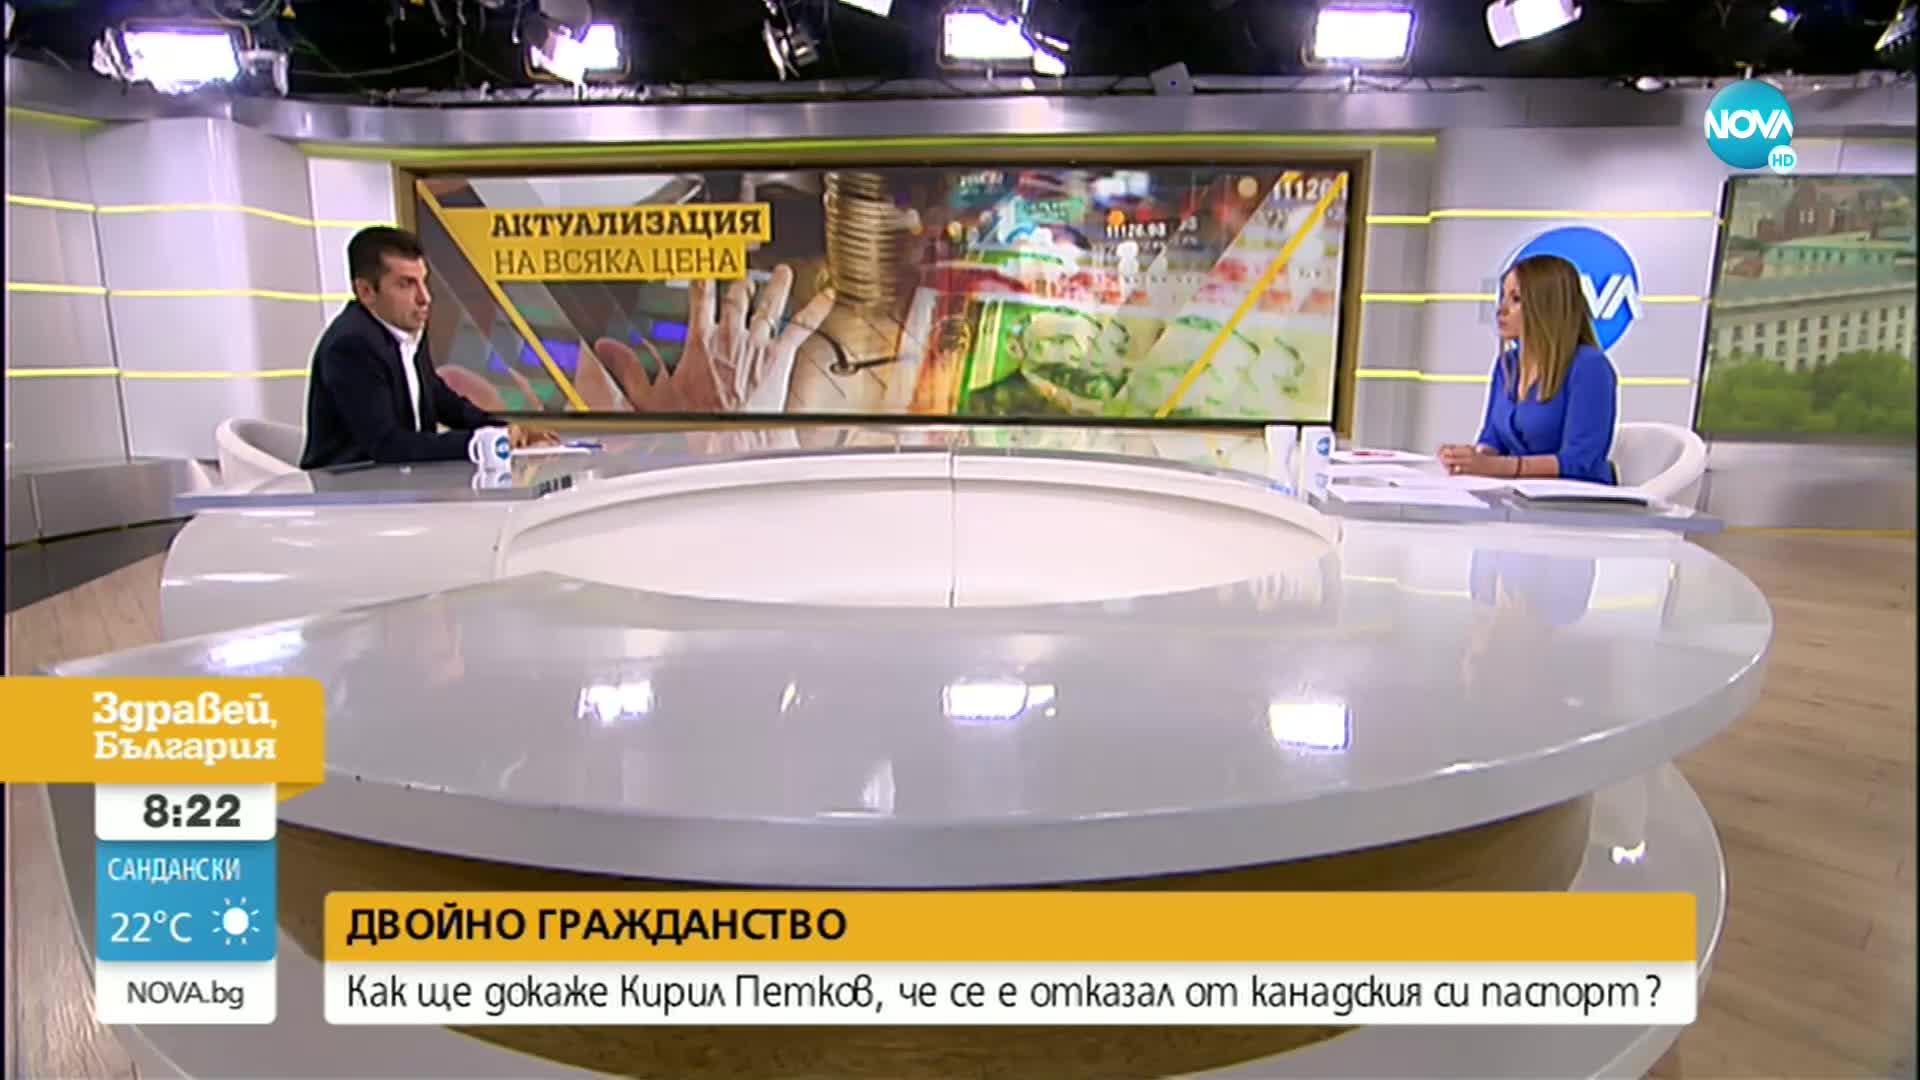 Кирил Петков: Вчера президентът показа, че е отговорният политик във връзка с големите теми